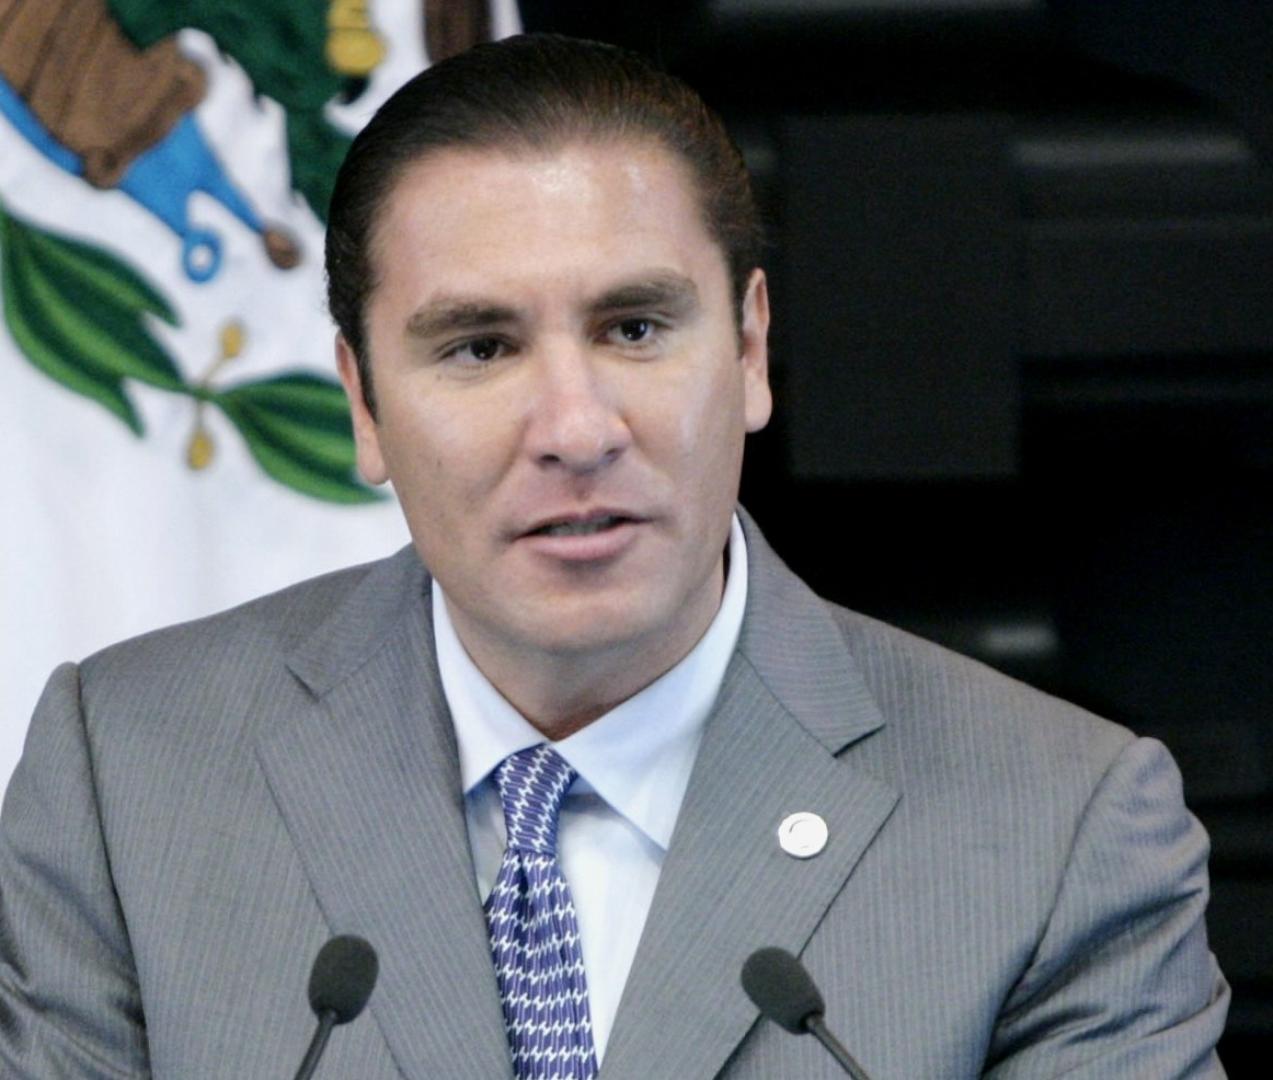 Después de su paso por la gubernatura de Puebla, Moreno Valle fue senador plurinominal (Foto: Wiki Commons)